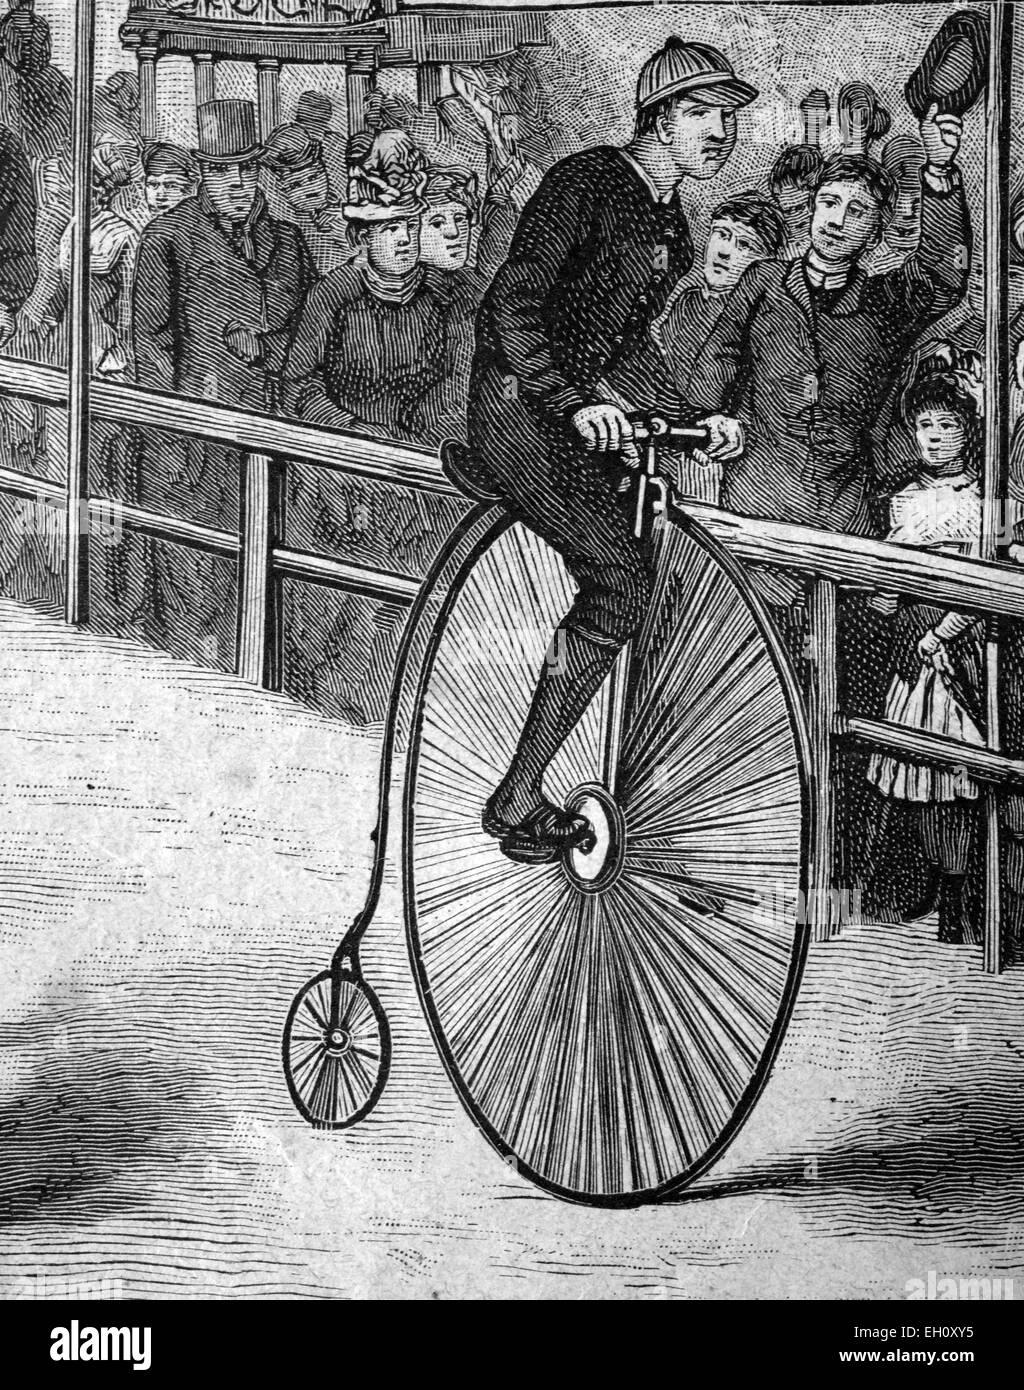 Mann reitet ein Hochrad Fahrrad, historische Abbildung, ca. 1886 Stockfoto